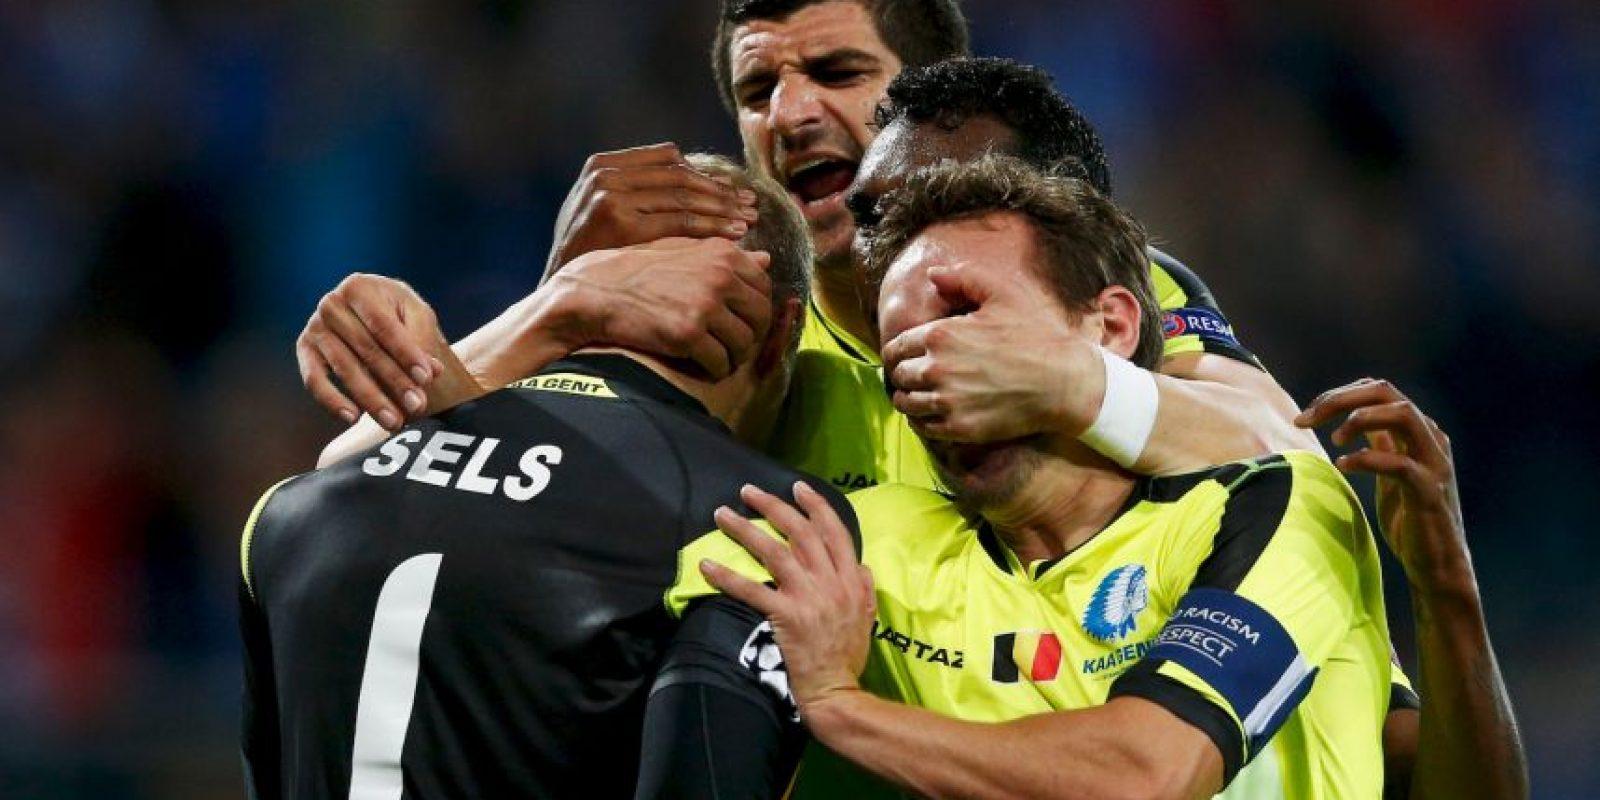 El combinado belga venció al Zenit y clasificó como segundo del Grupo H Foto:Getty Images